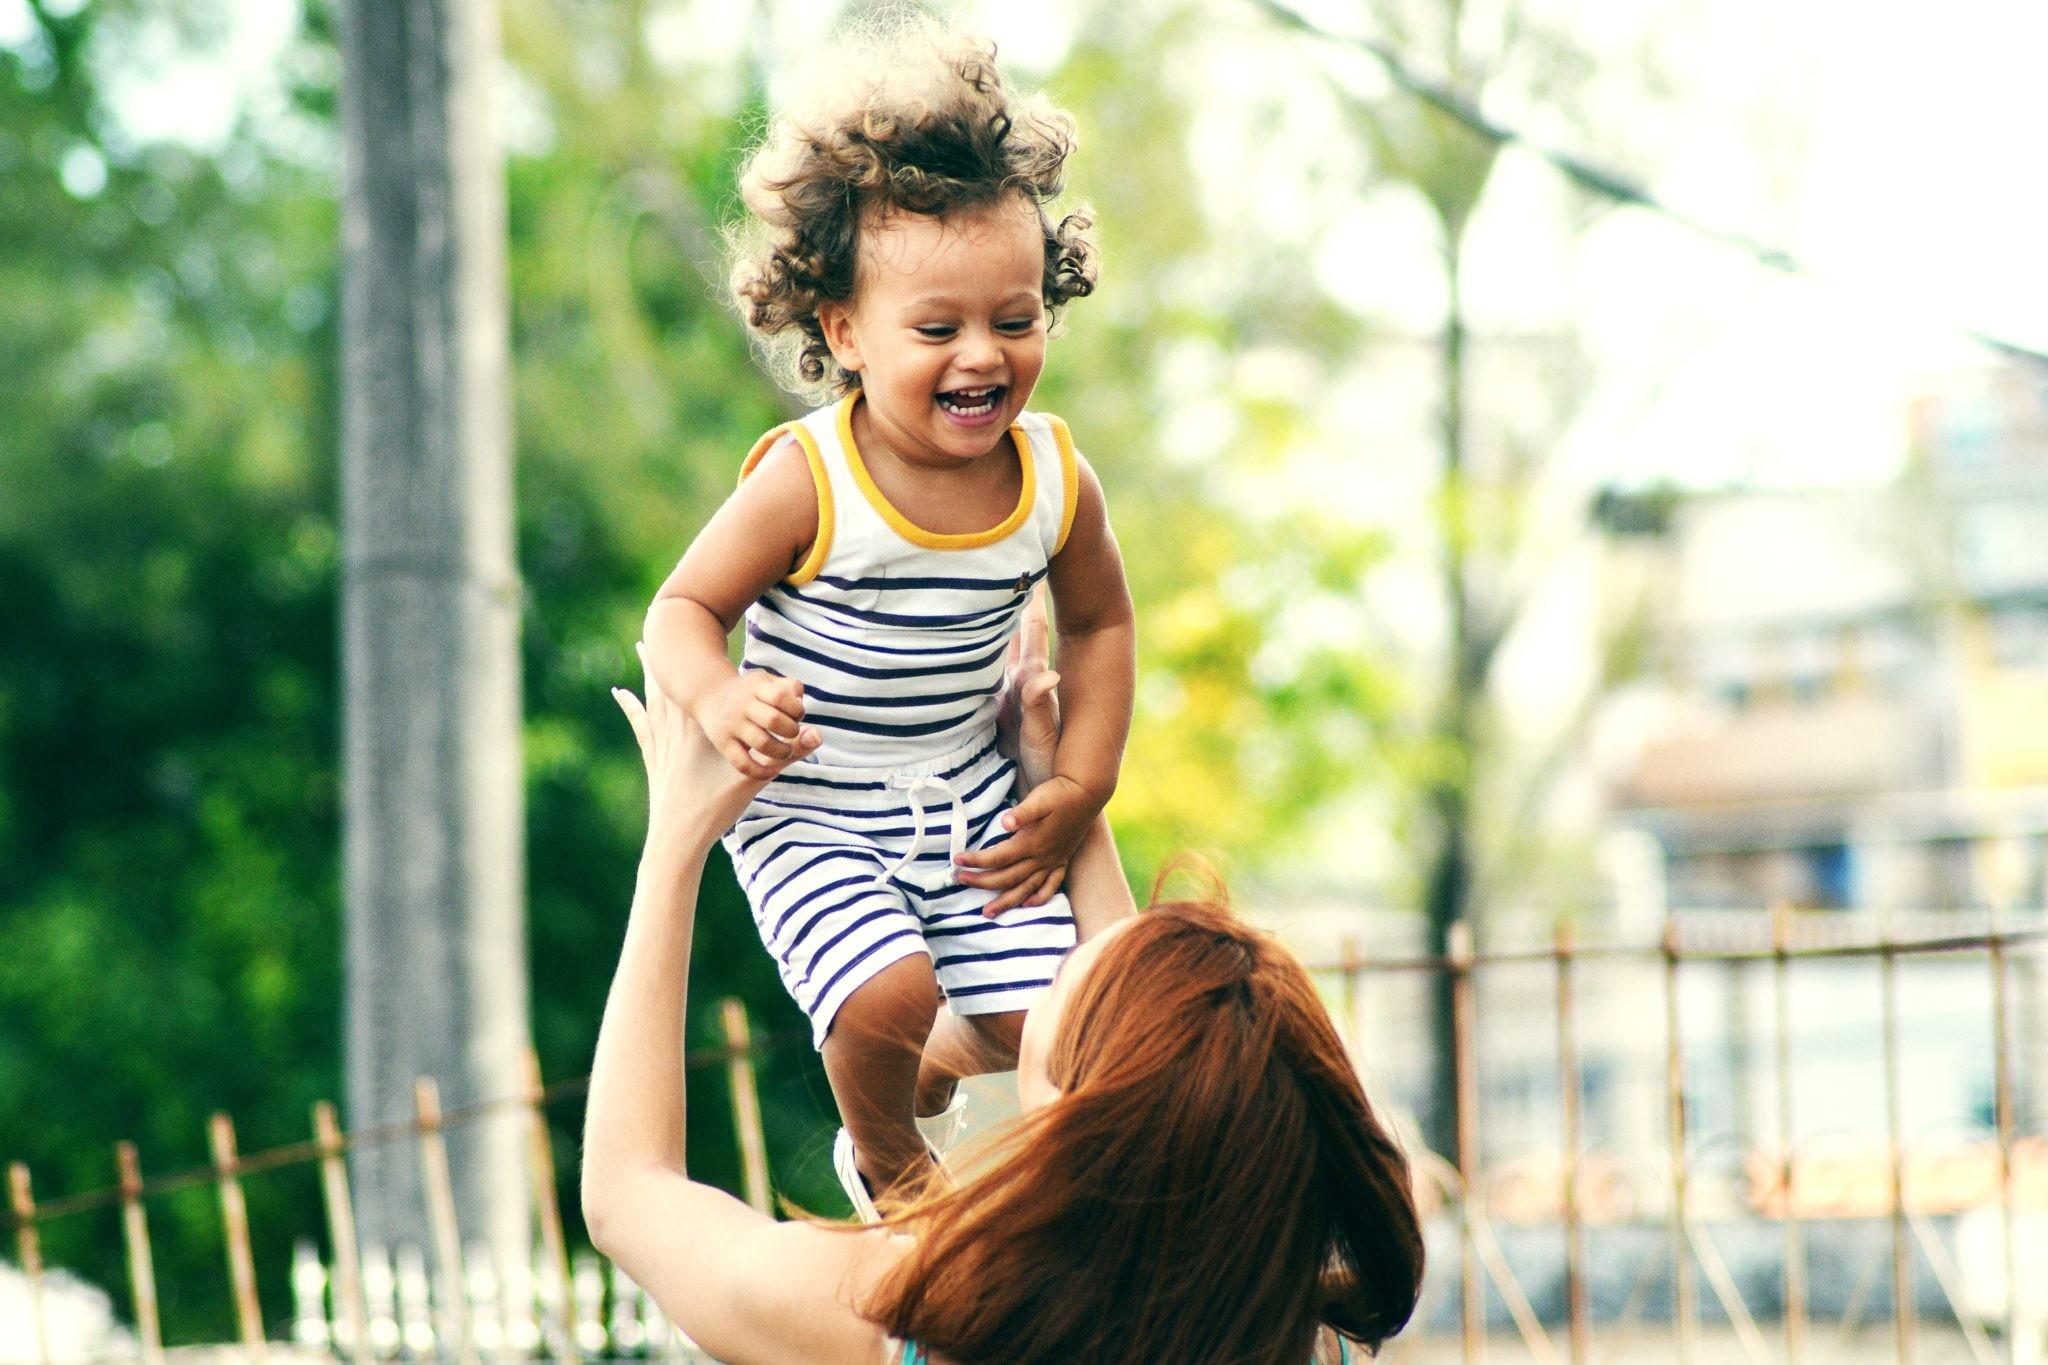 Превращаем прогулку с малышом в тренировку